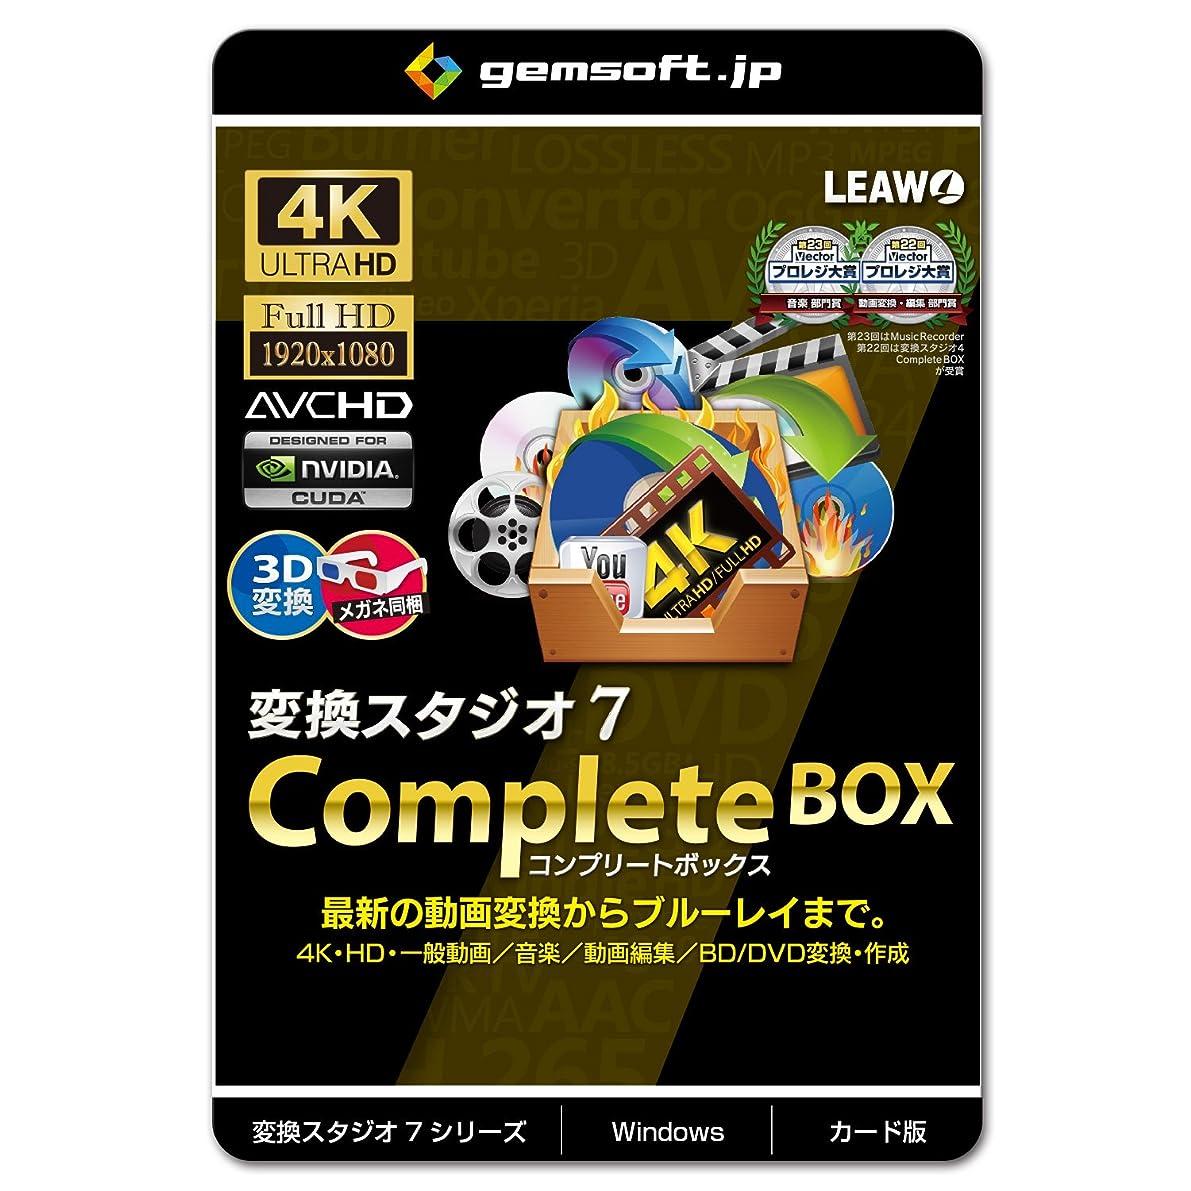 切り離すフェリーフレキシブル変換スタジオ7 CompleteBOX | 変換スタジオ7シリーズ | カード版 | Win対応